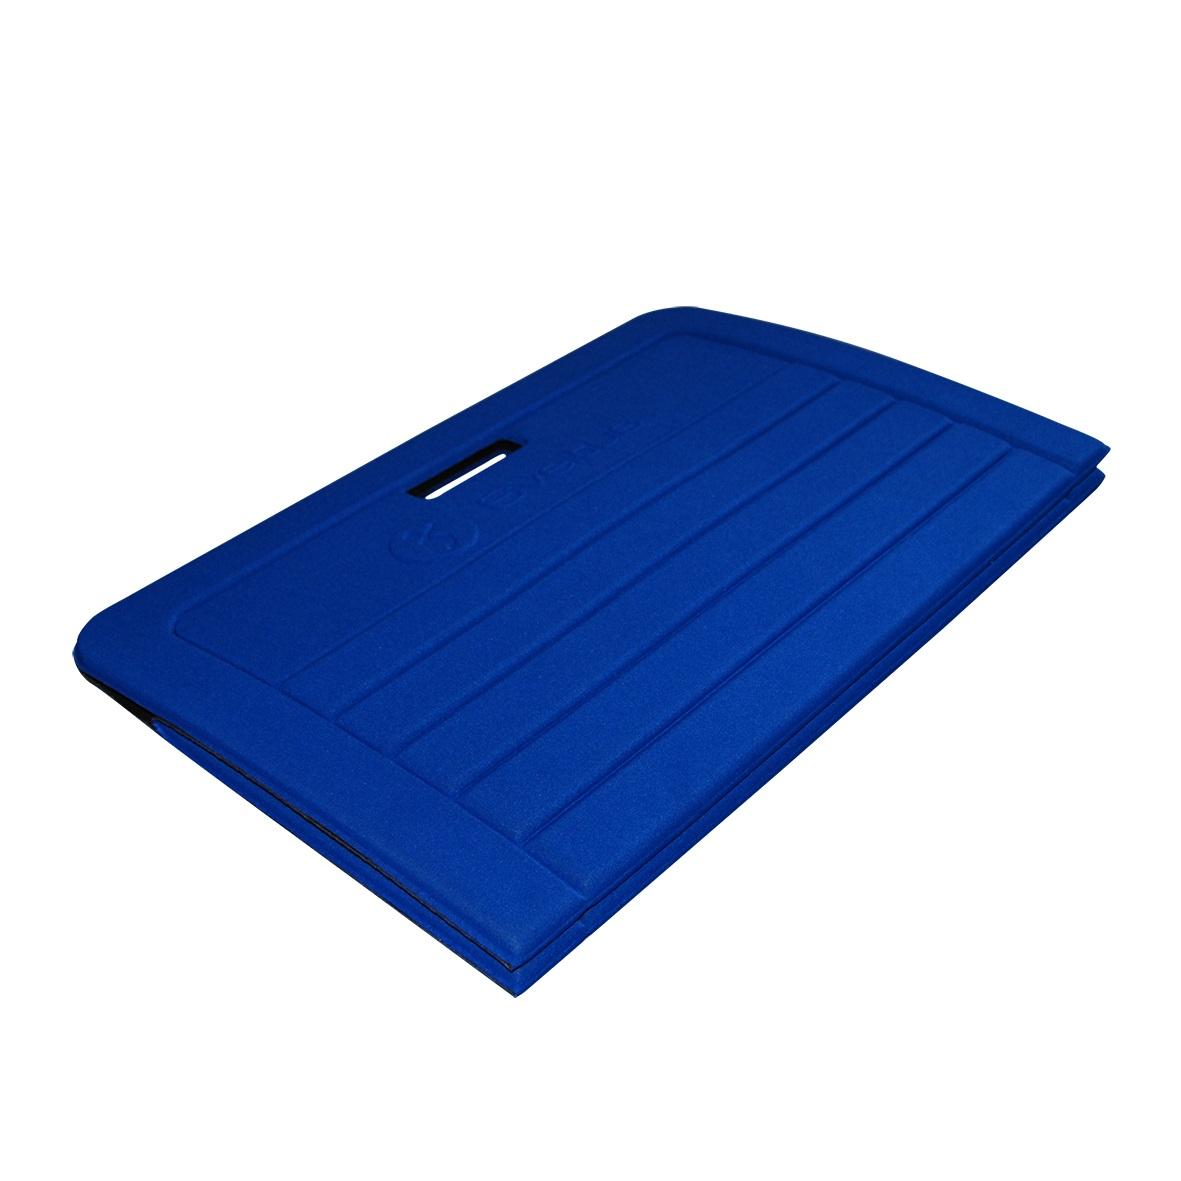 natte de gym tapis de protection tapis de gym pliable sveltus bleu 1400 x 600 x 10 mm